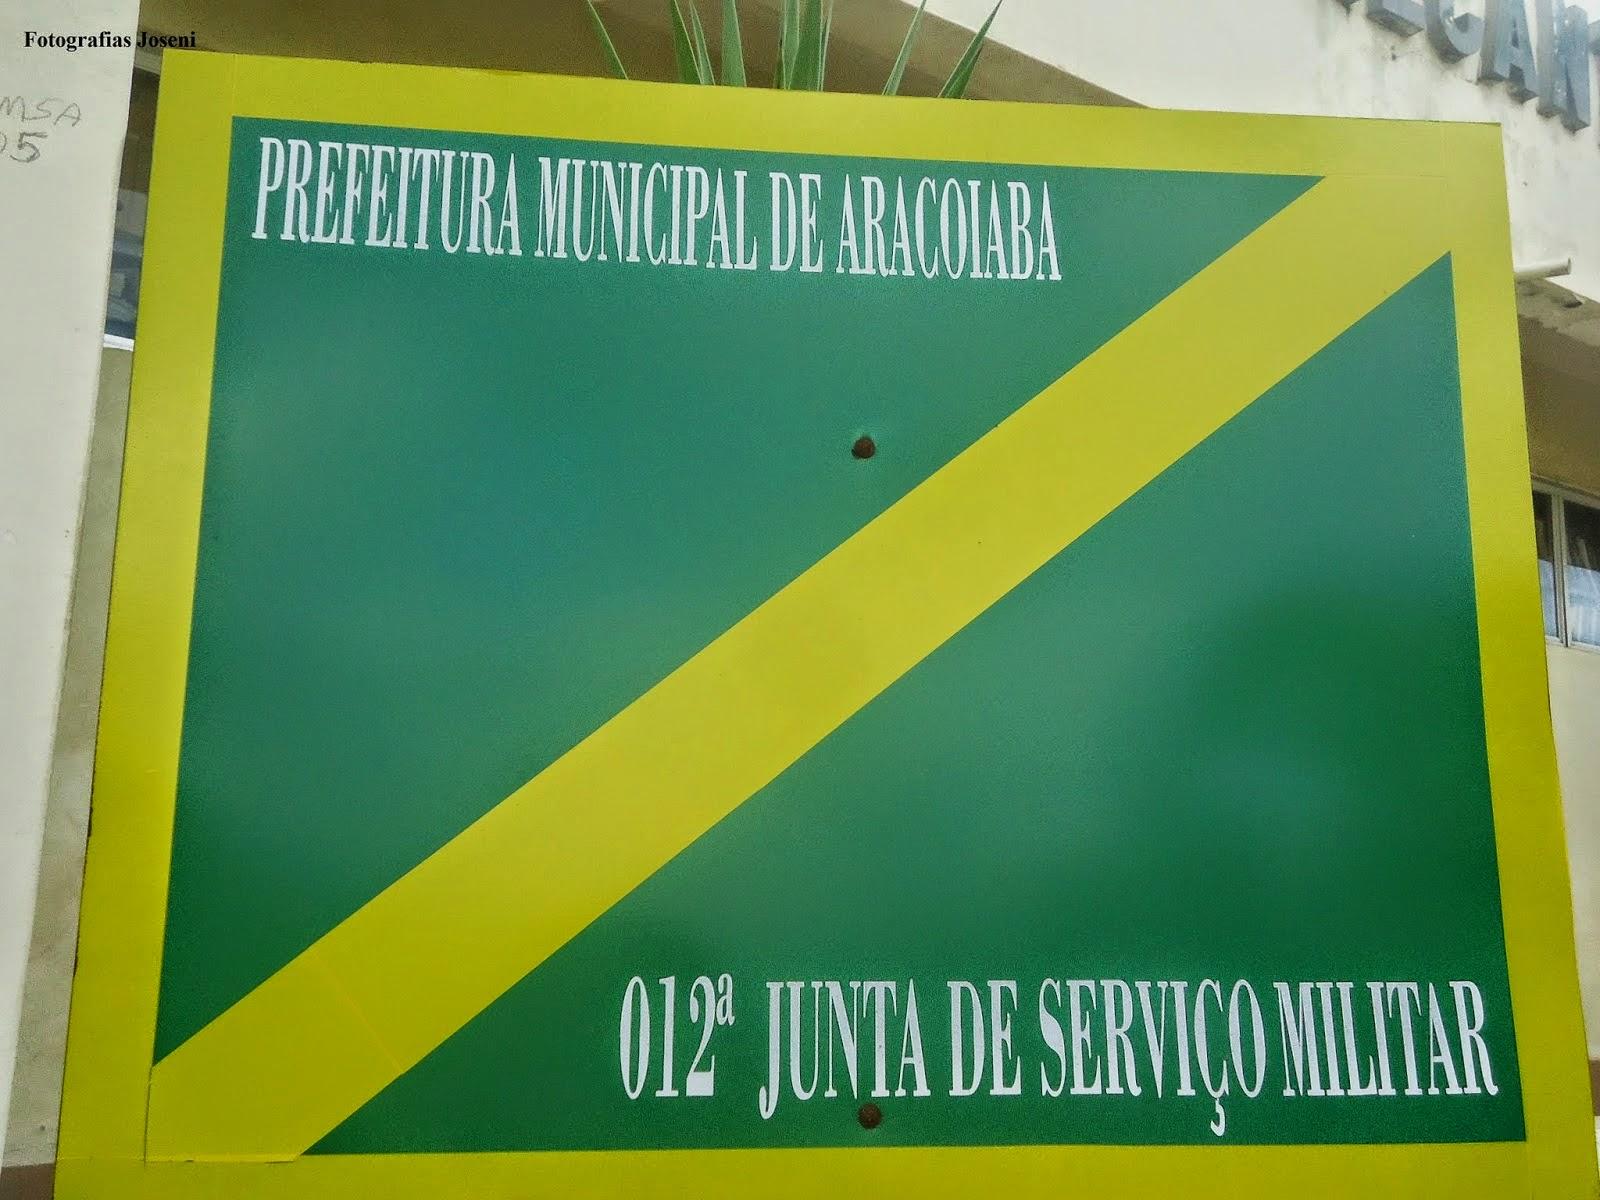 012ª JSM - JUNTA DE SERVIÇO MILITAR DE ARACOIABA